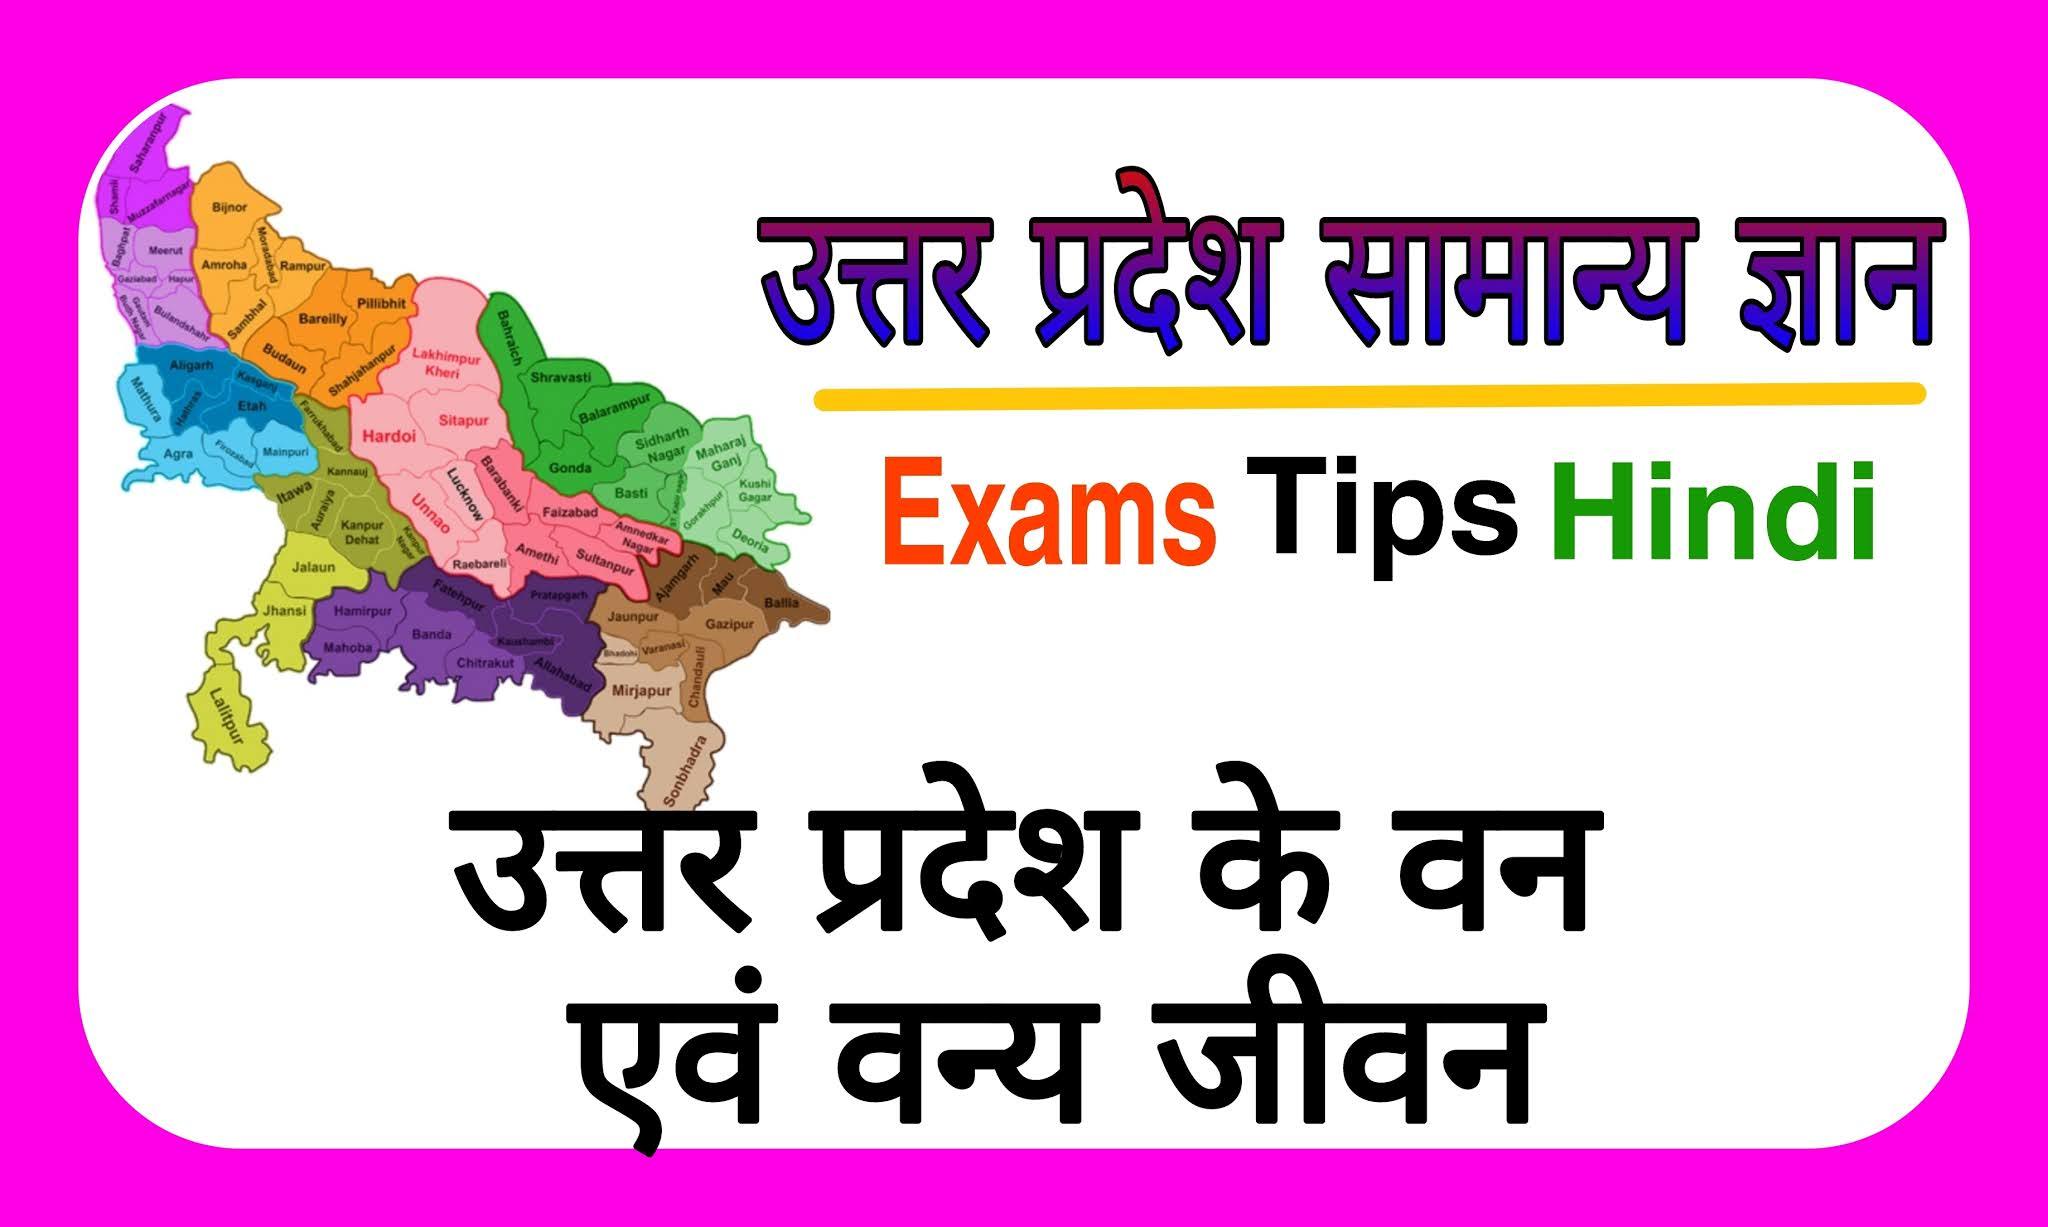 उत्तर प्रदेश के वन्य जीवन, UP Wildlife GK in Hindi, UP Forest gk in hindi, UP GK in Hindi, Uttar Pradesh ke Vana, UP ki Jankari